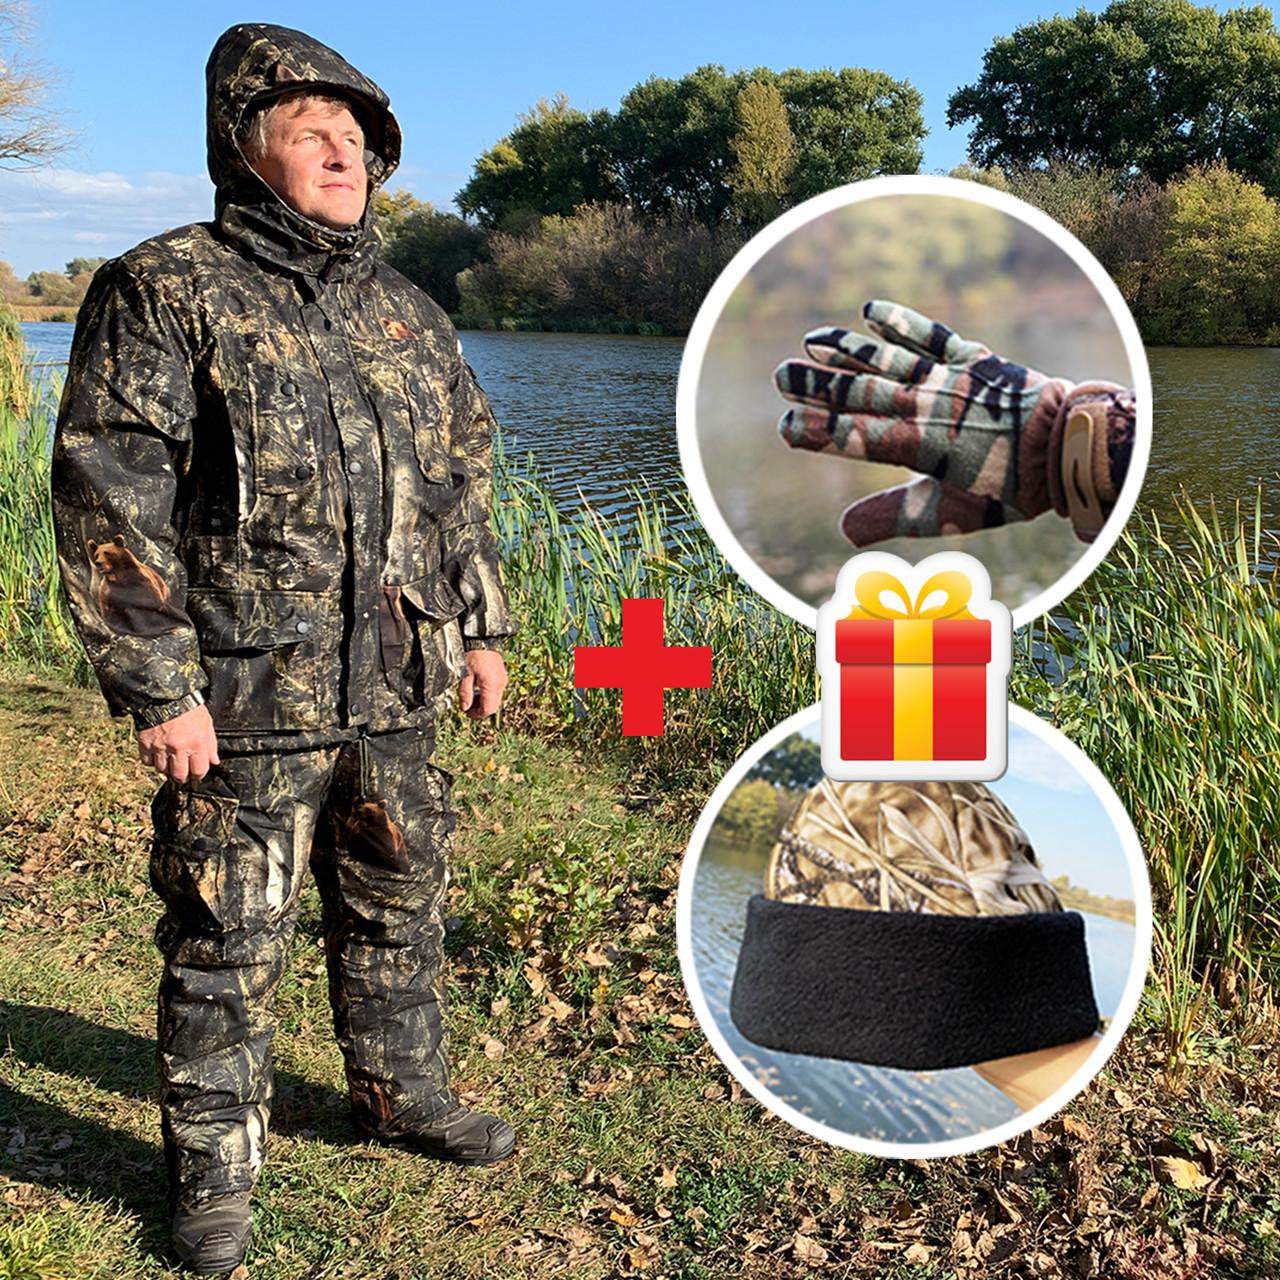 """Зимний костюм до -40° """"Mavens Зубр"""" Лес, для рыбалки, охоты, работы в холоде, размер 56-58 (031-0024)"""